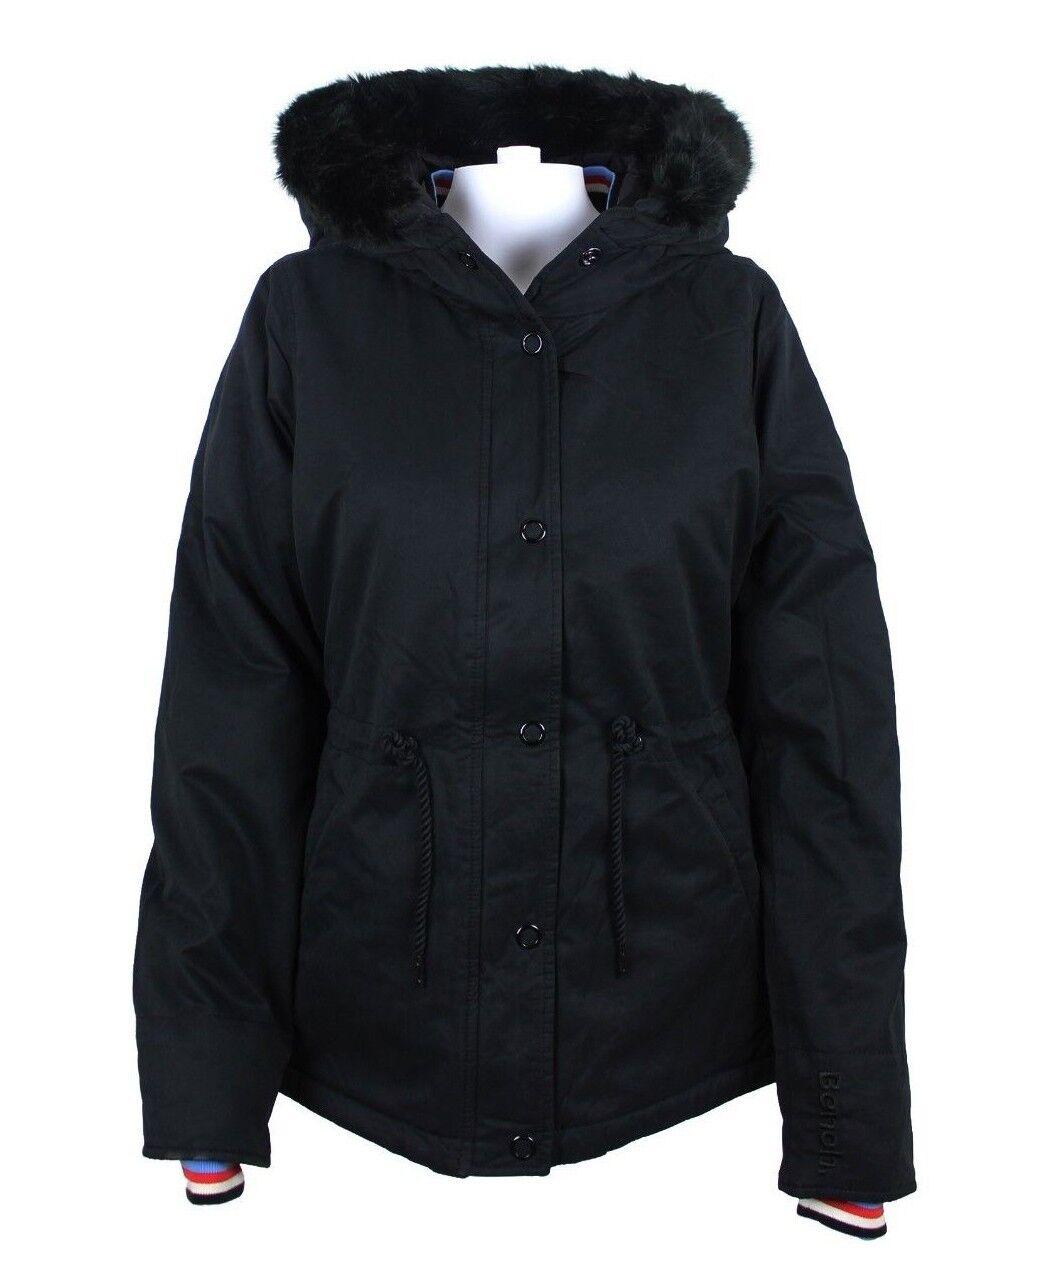 BENCH Damenjacke Wasserabweisende Jacke mit Kapuze und Tunnelzug Gr. M Schwarz